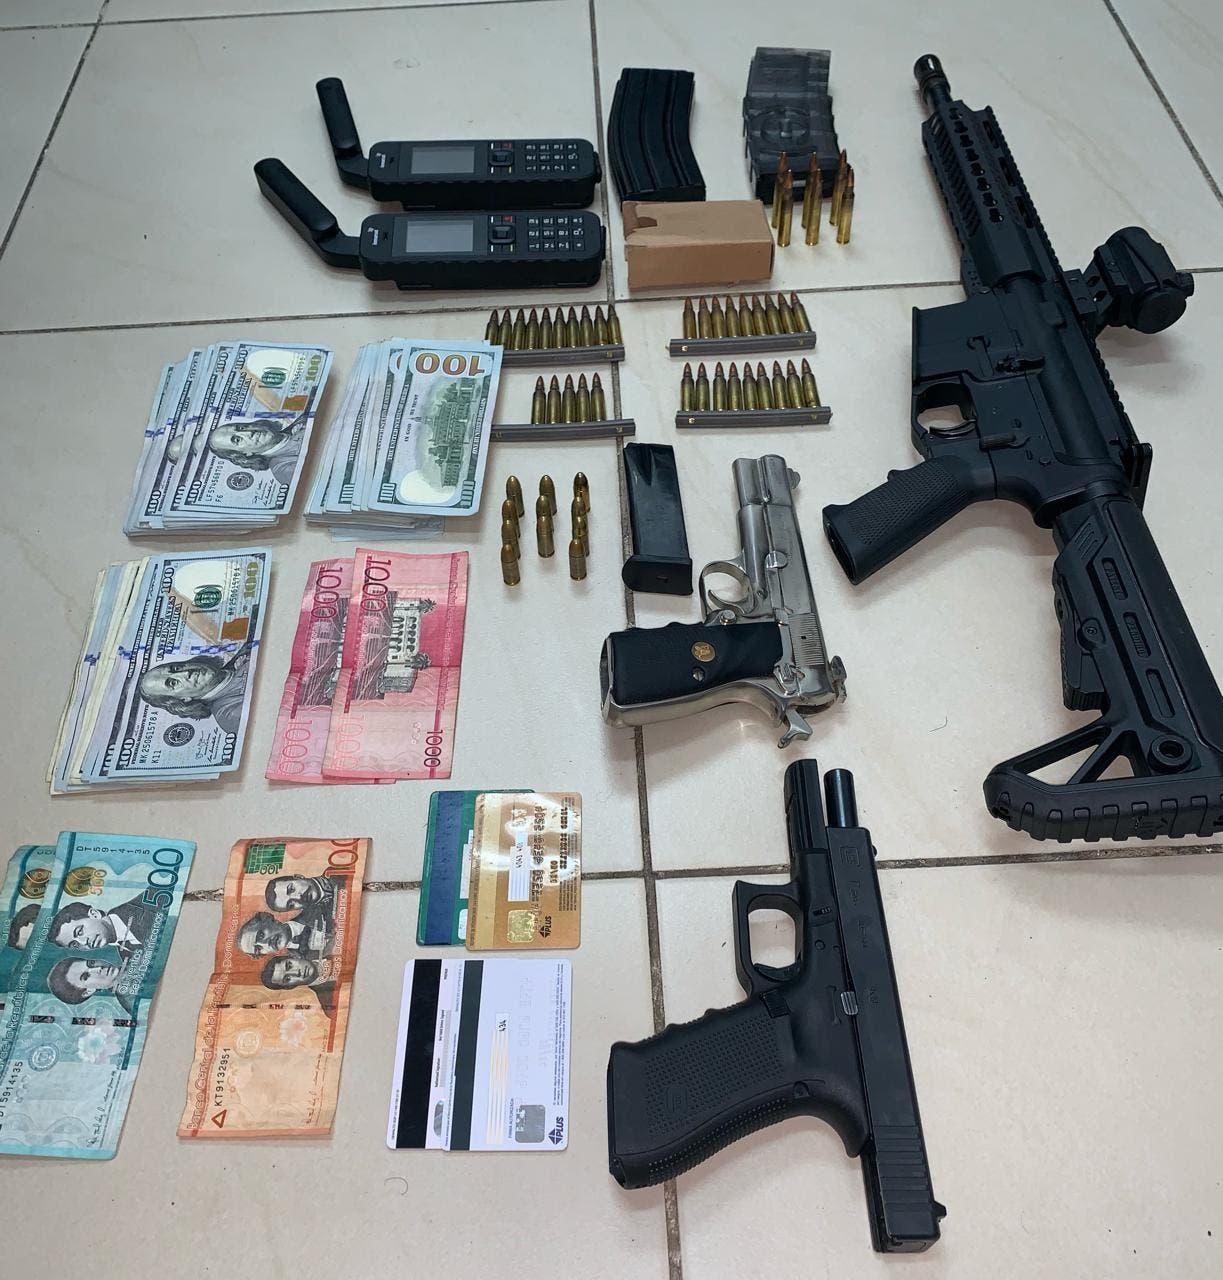 Identifican a los hombres arrestados con fusil y más de 22 mil dólares